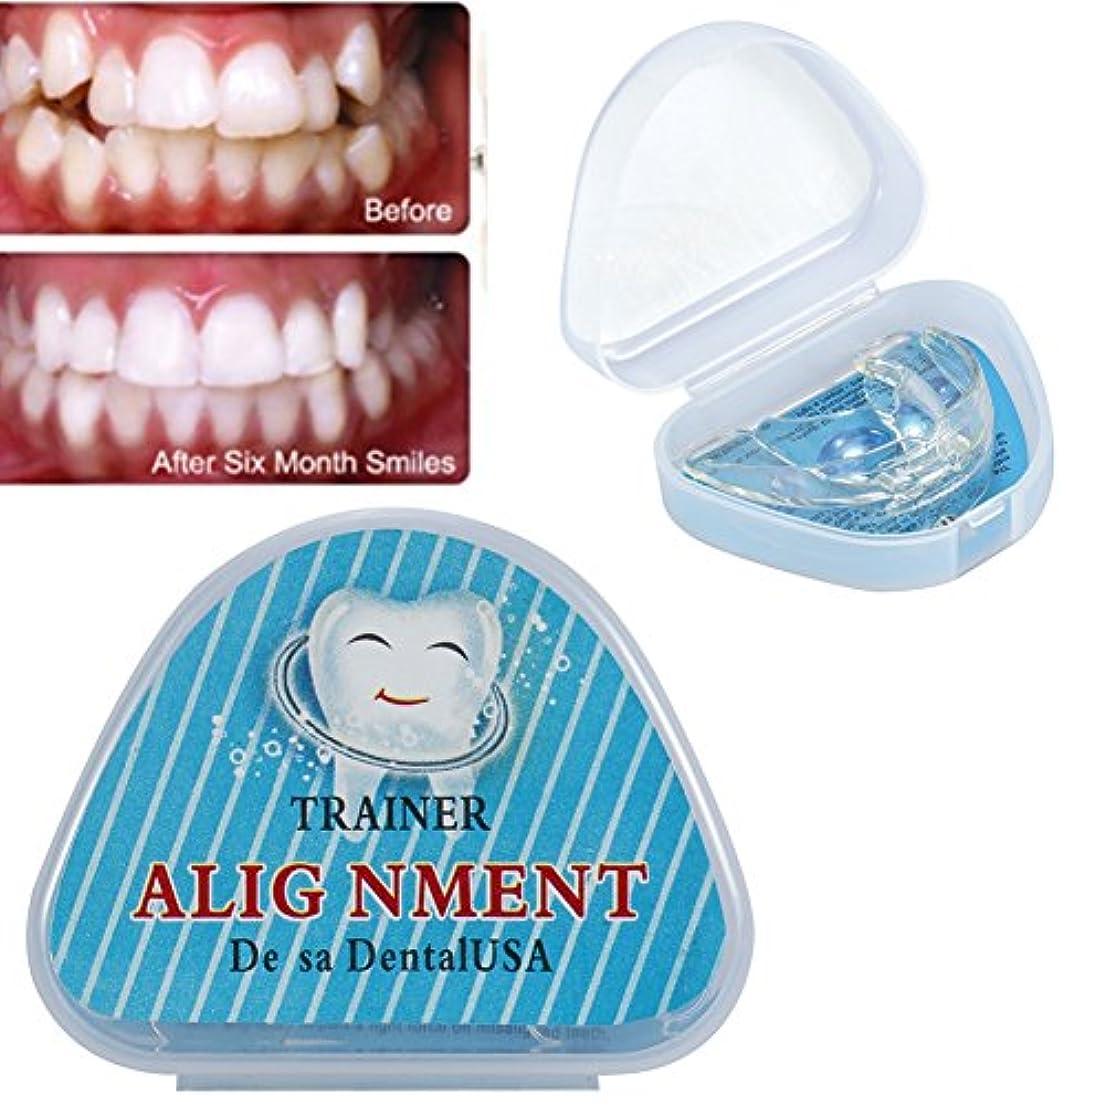 休憩色合いアンペアEboxer 歯 矯正 矯正器 デンタルマウスピース 矯正用リテーナー マウスピース 噛み合わせ 歯ぎしり いびき防止 予防 歯並び 矯正